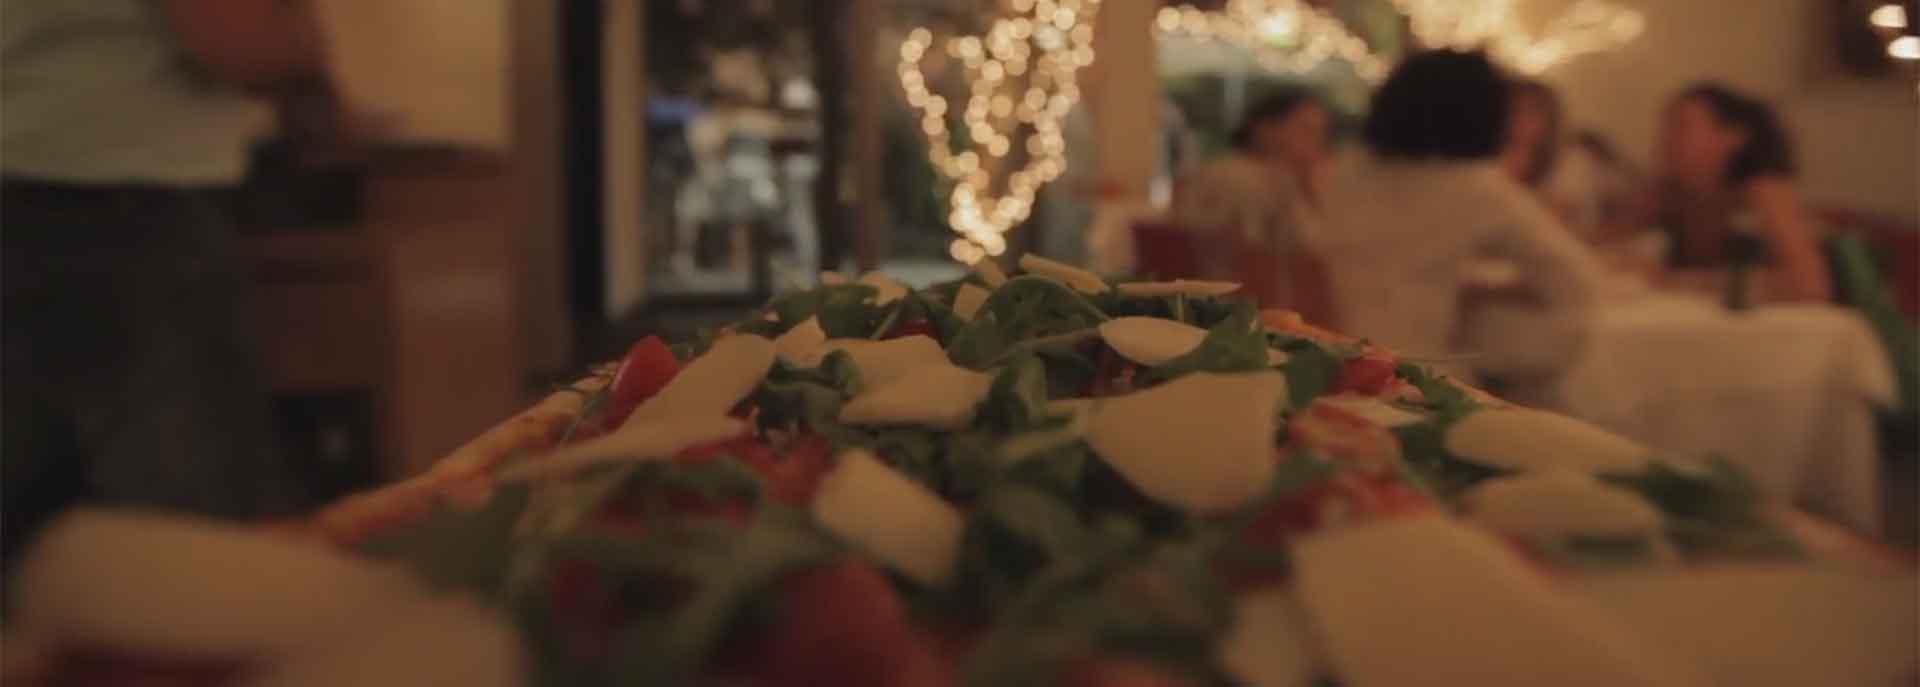 primo piano di una pizza farcita con un tavolo di donne sullo sfondo